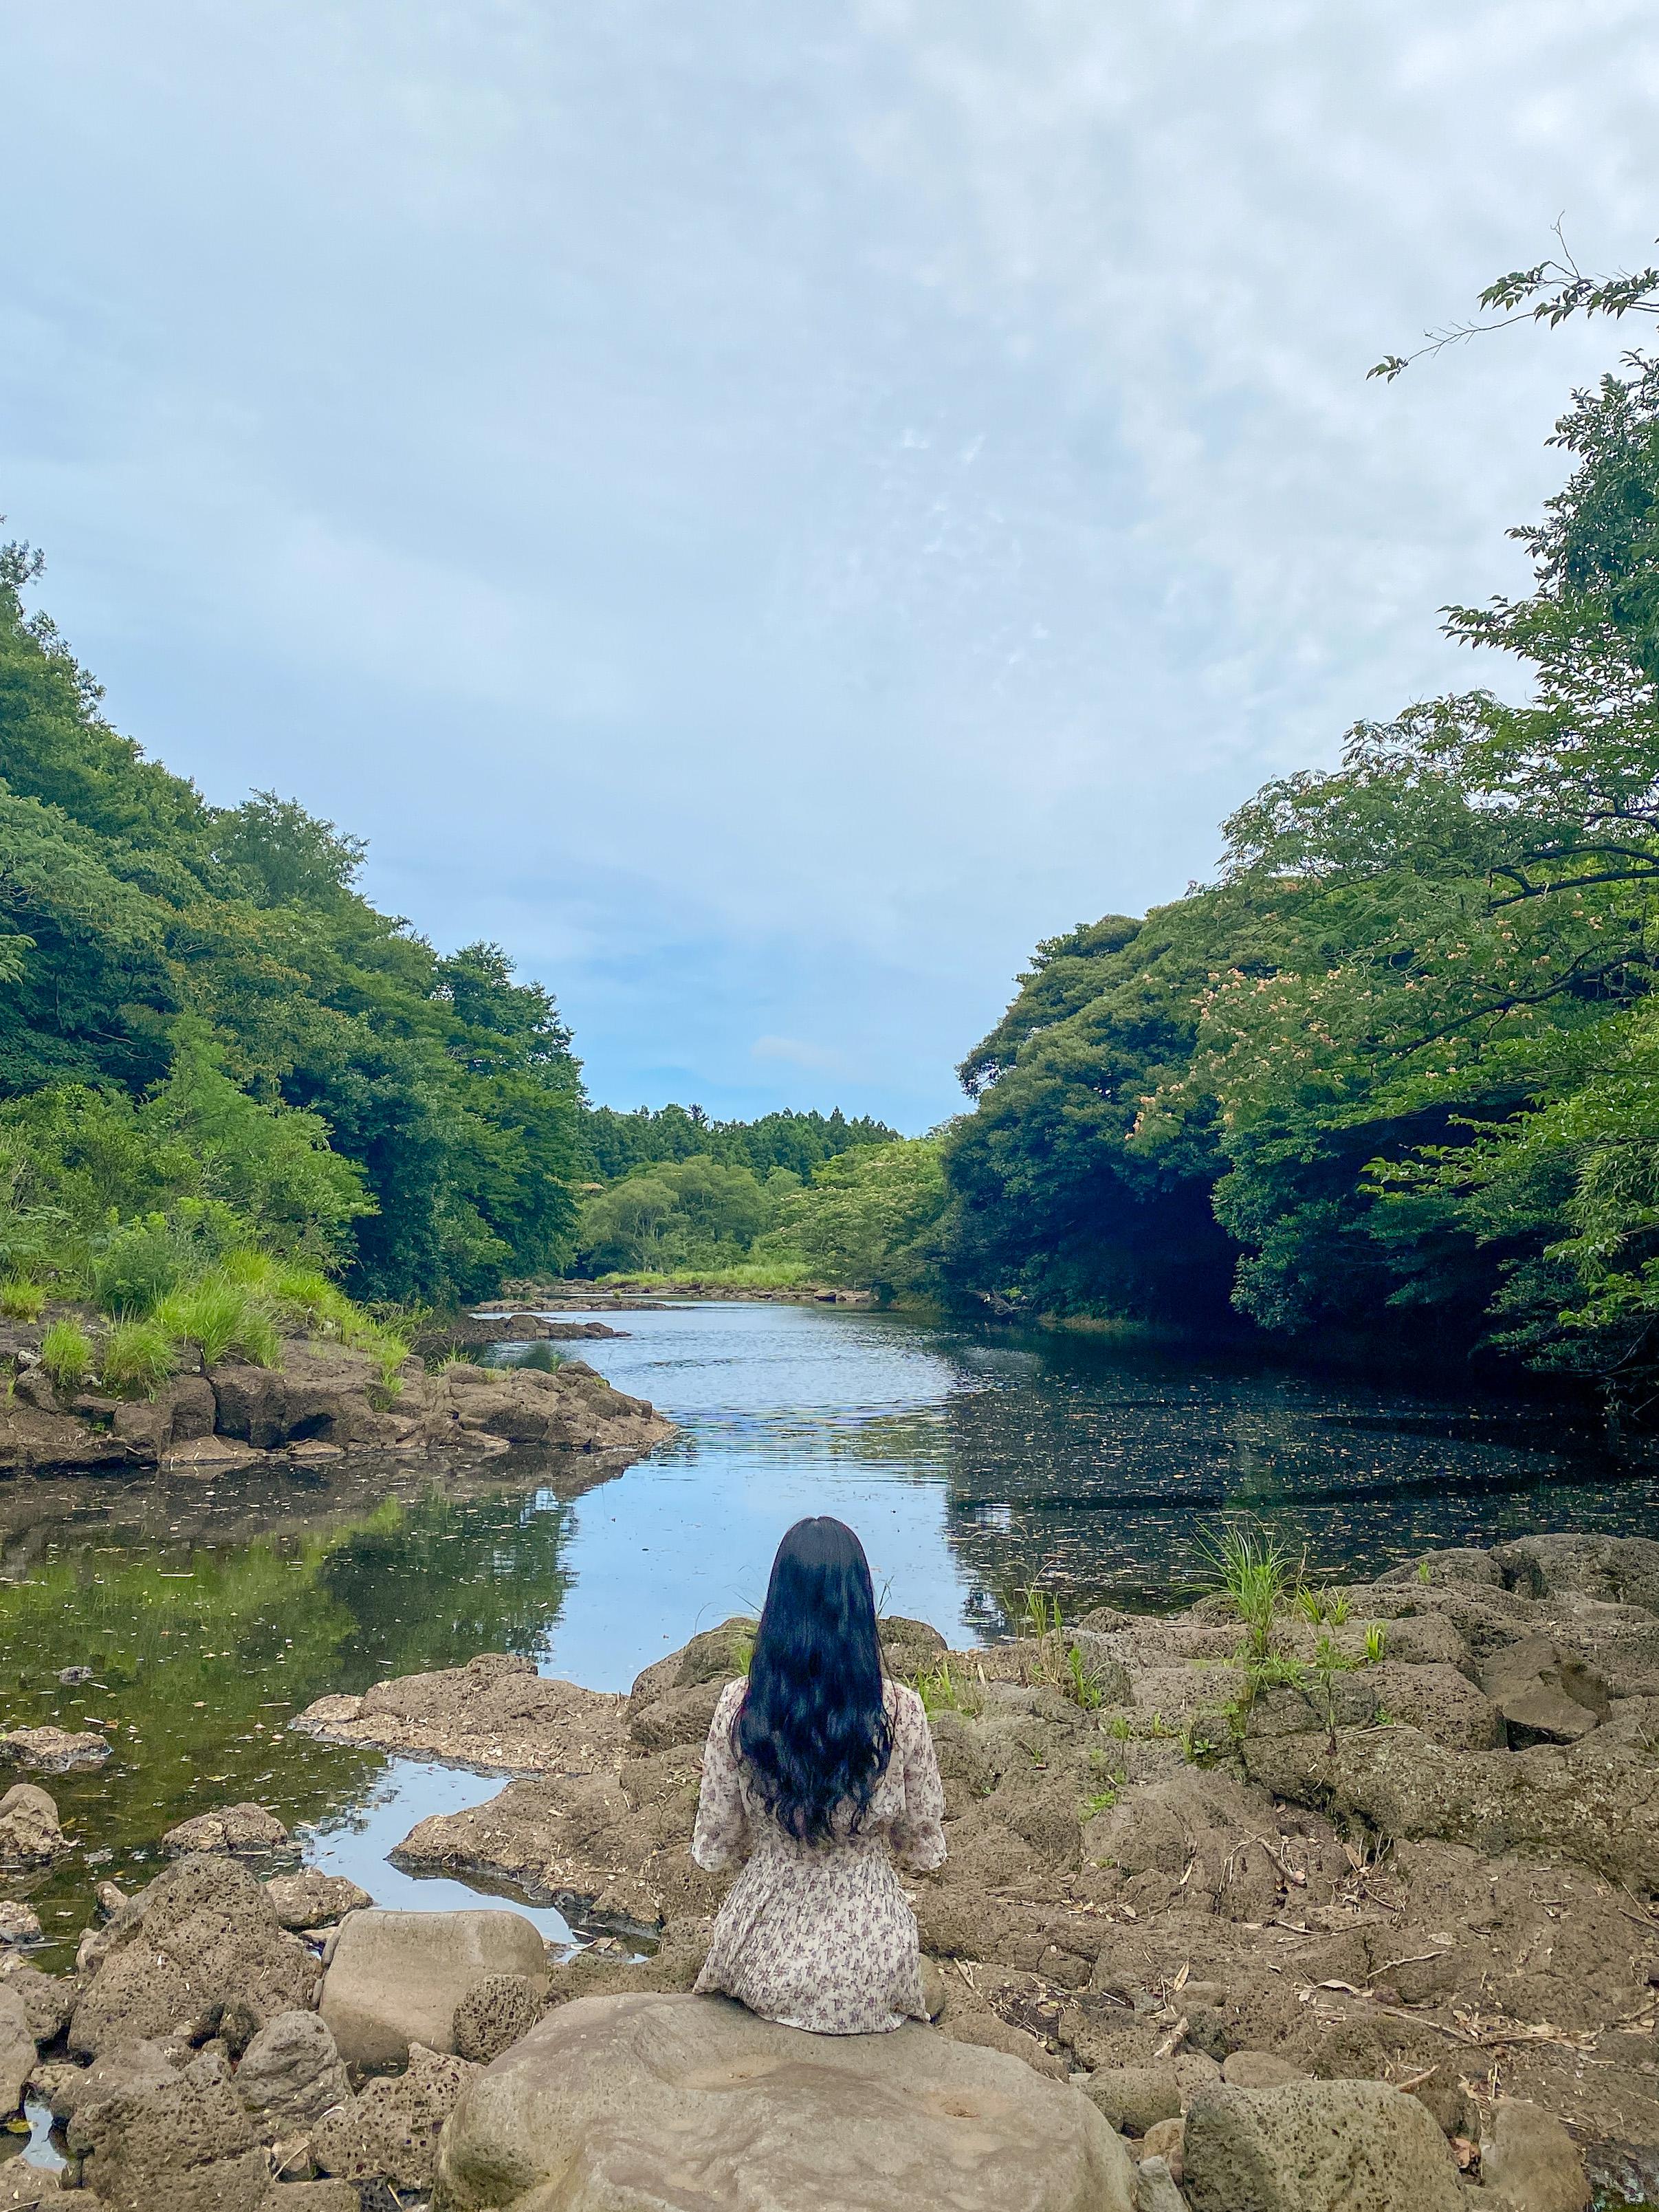 둑길 옆 바위에 앉아서 한 컷